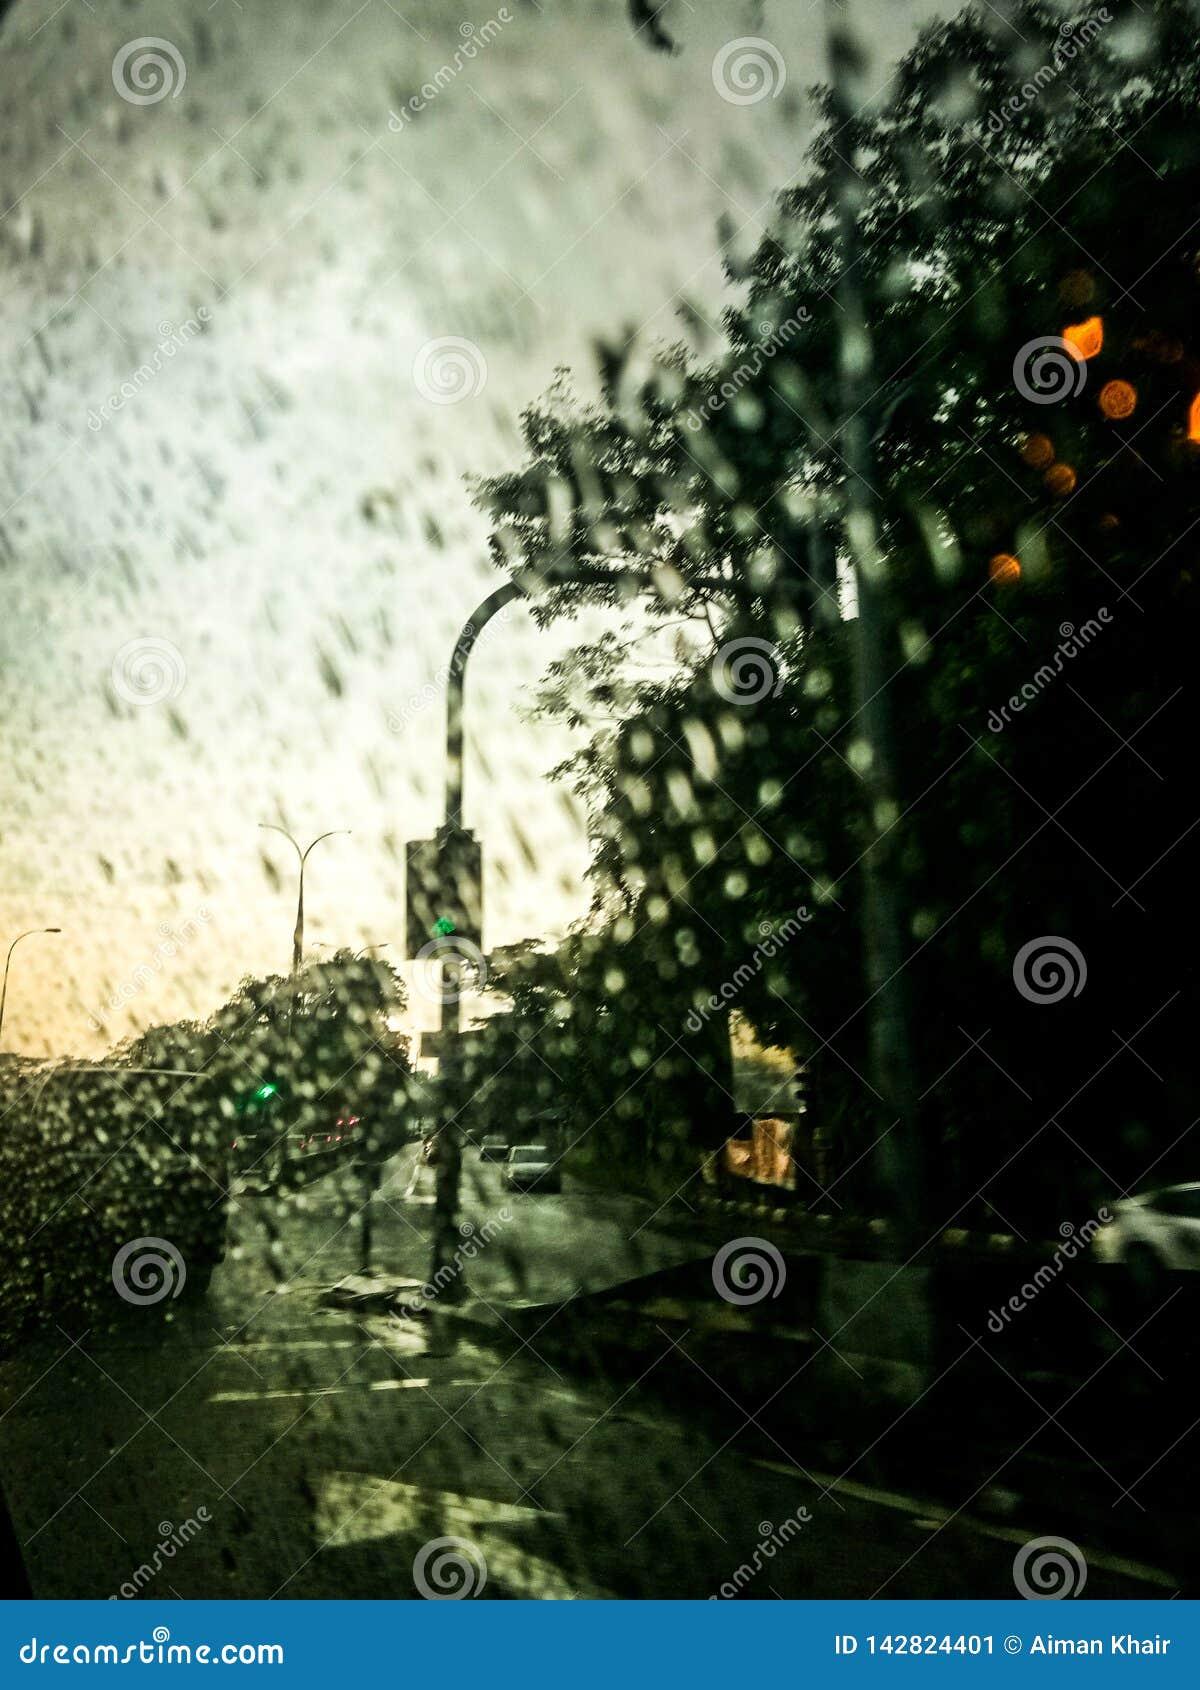 La gota de lluvia en la ventana en el interior de la ciudad del coche